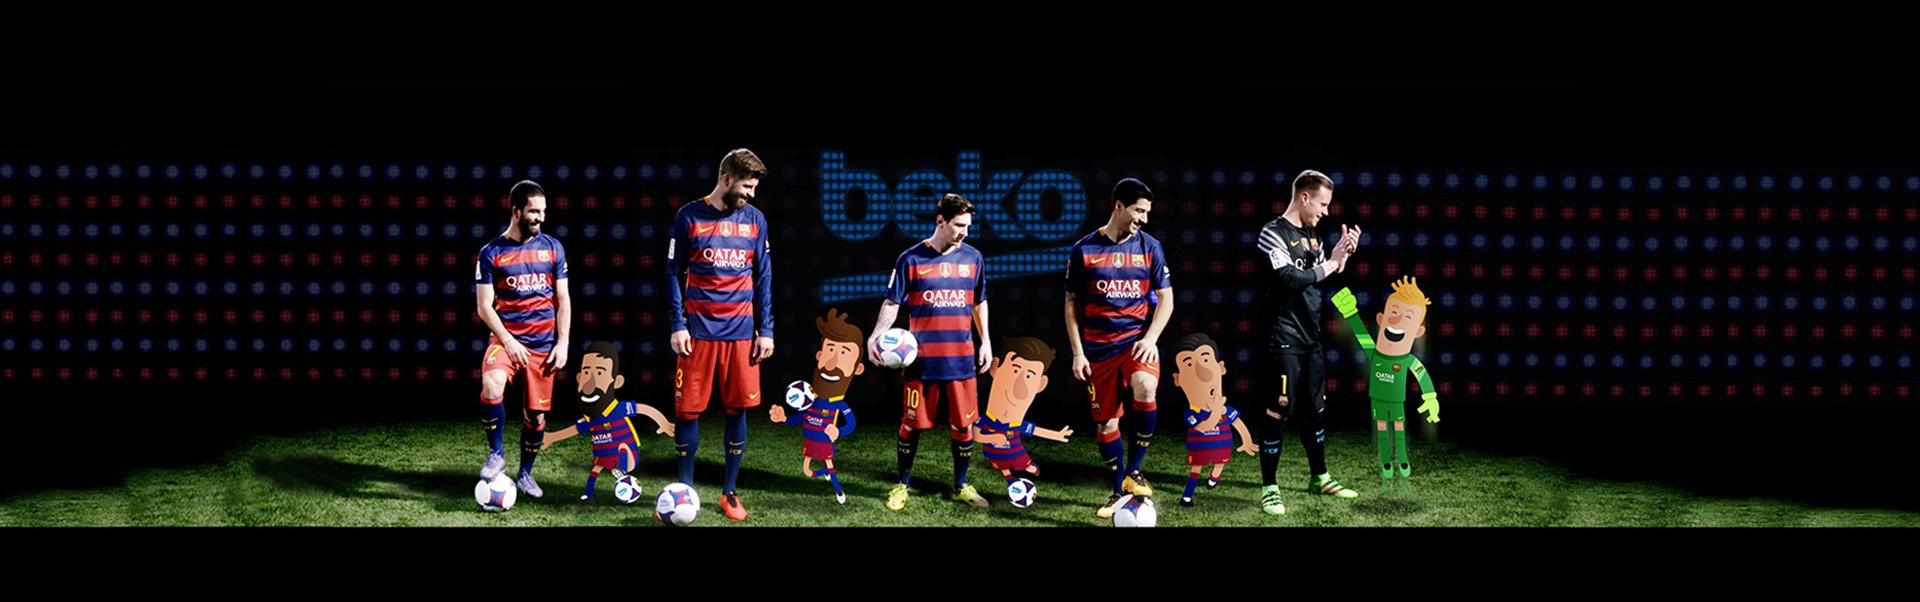 FC Barcelona Sponsorship